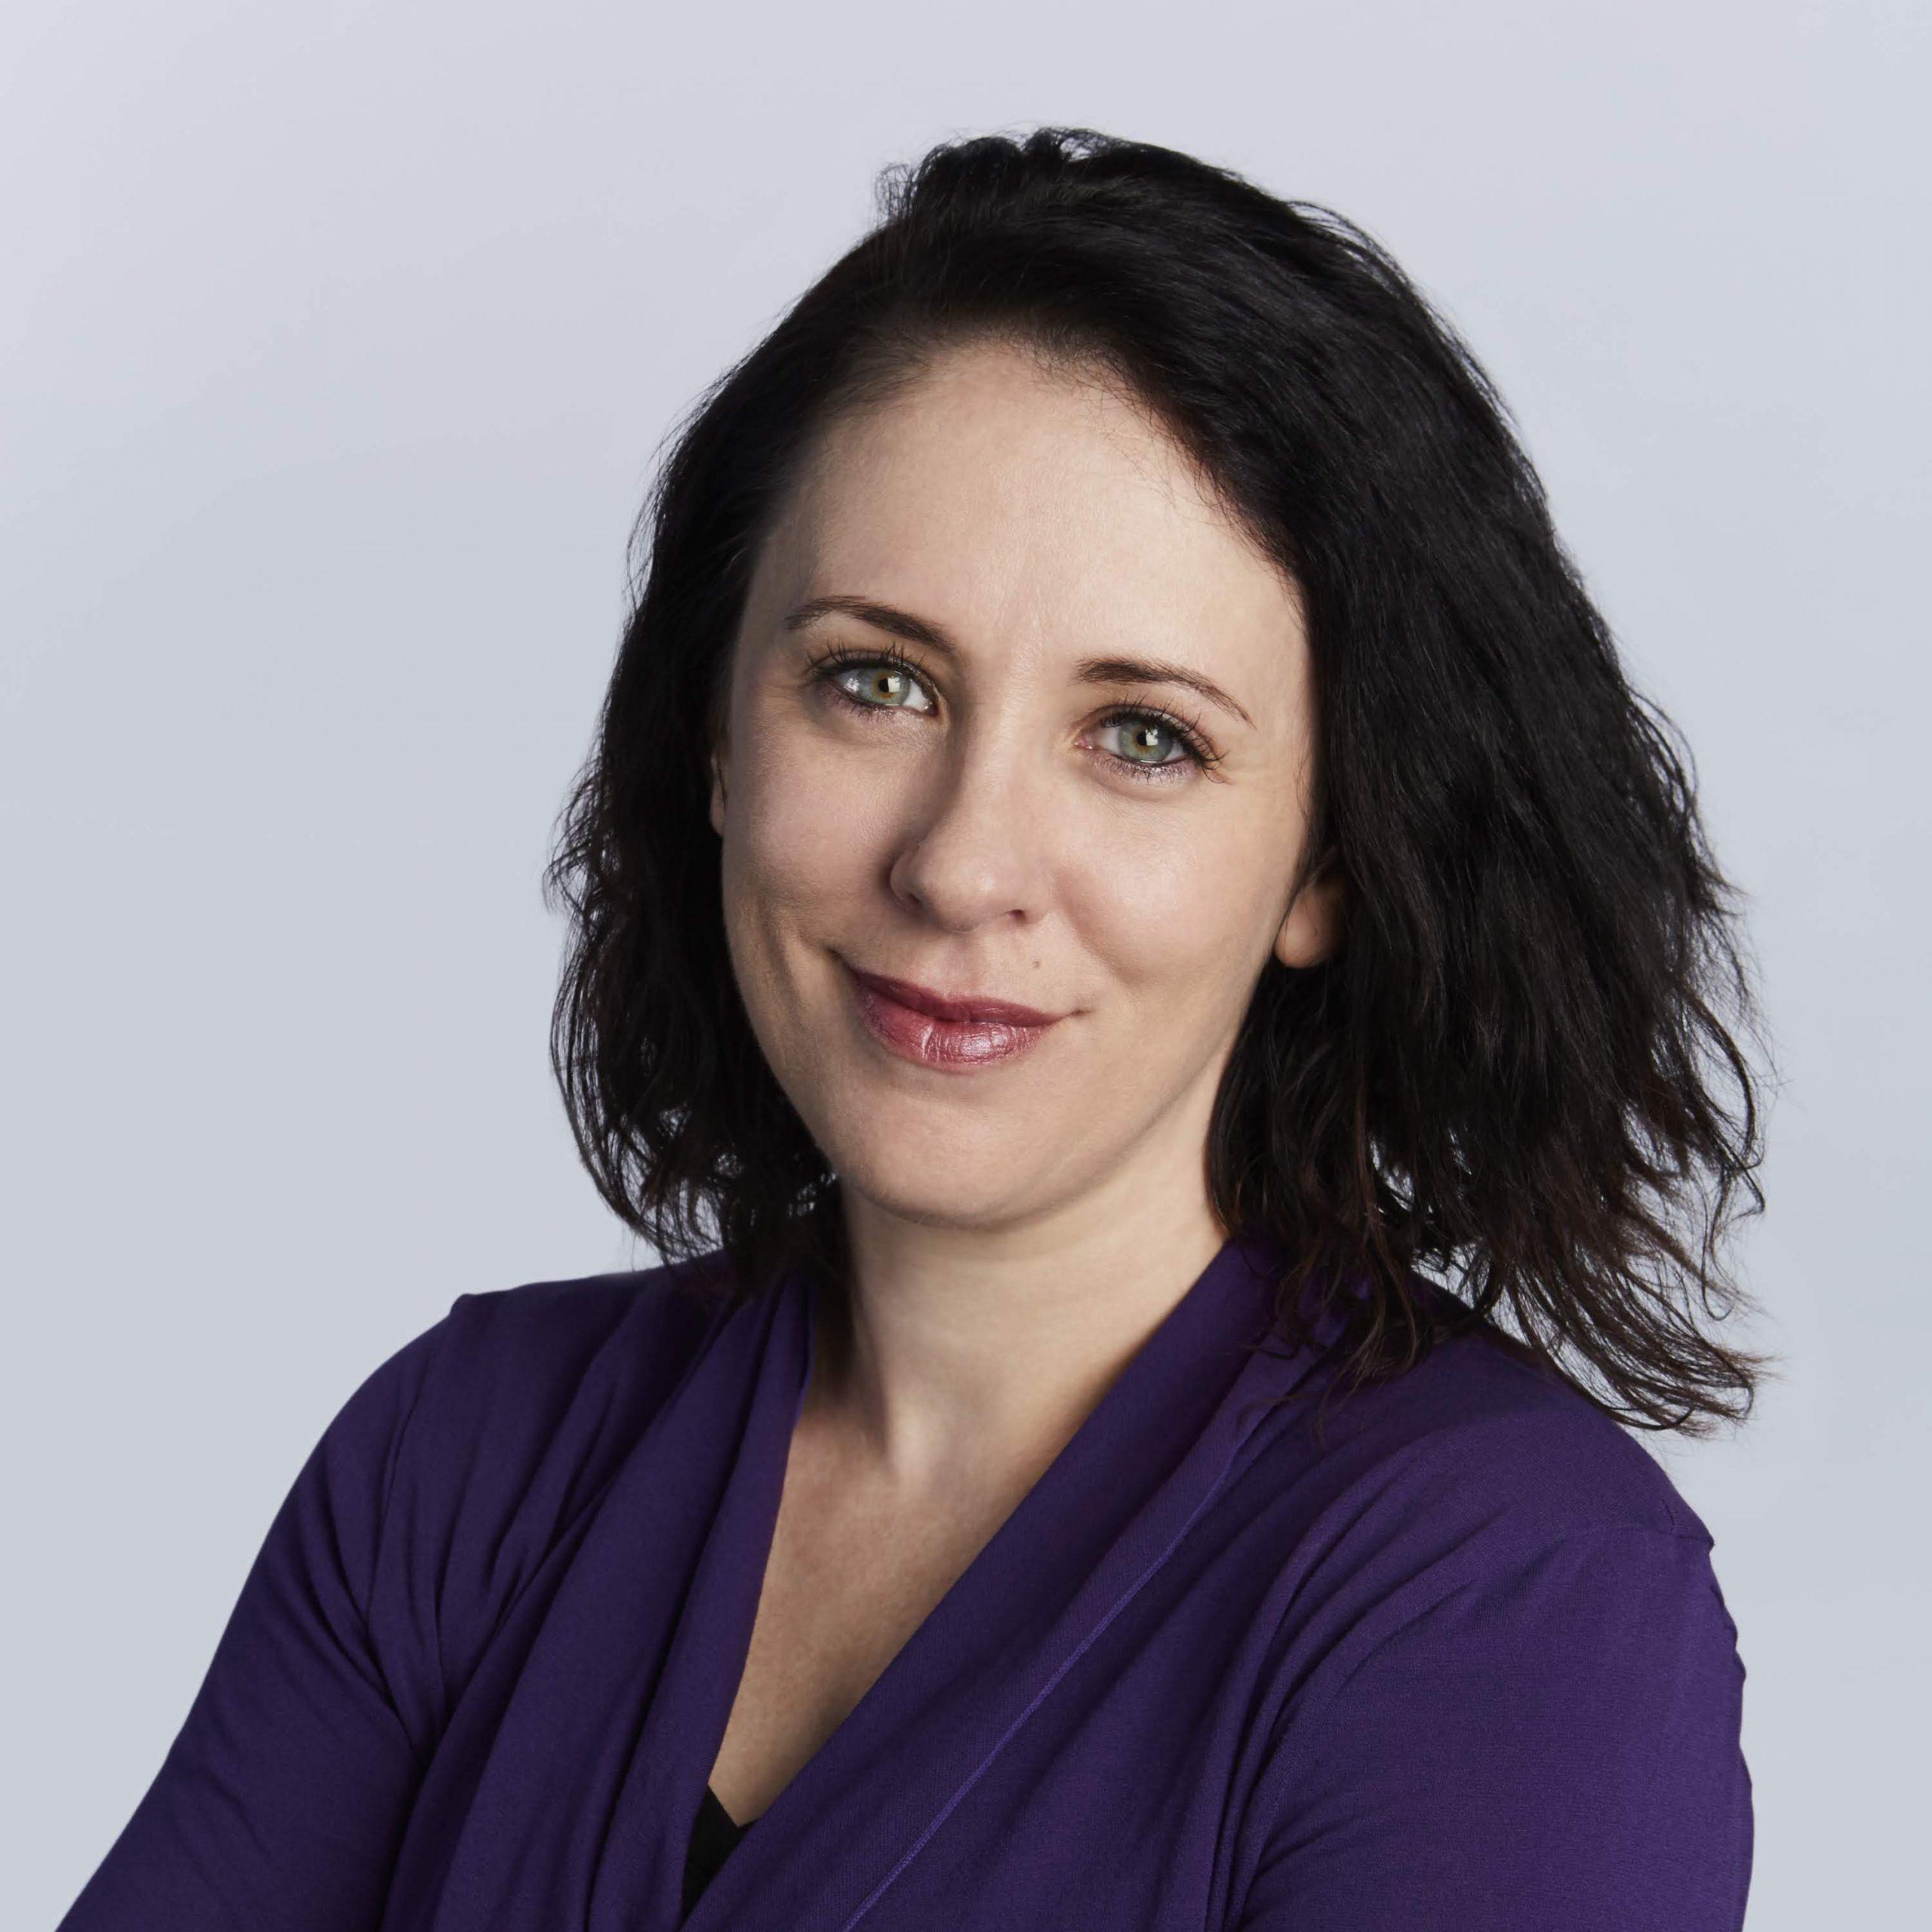 Picture of Cecelia Herbert